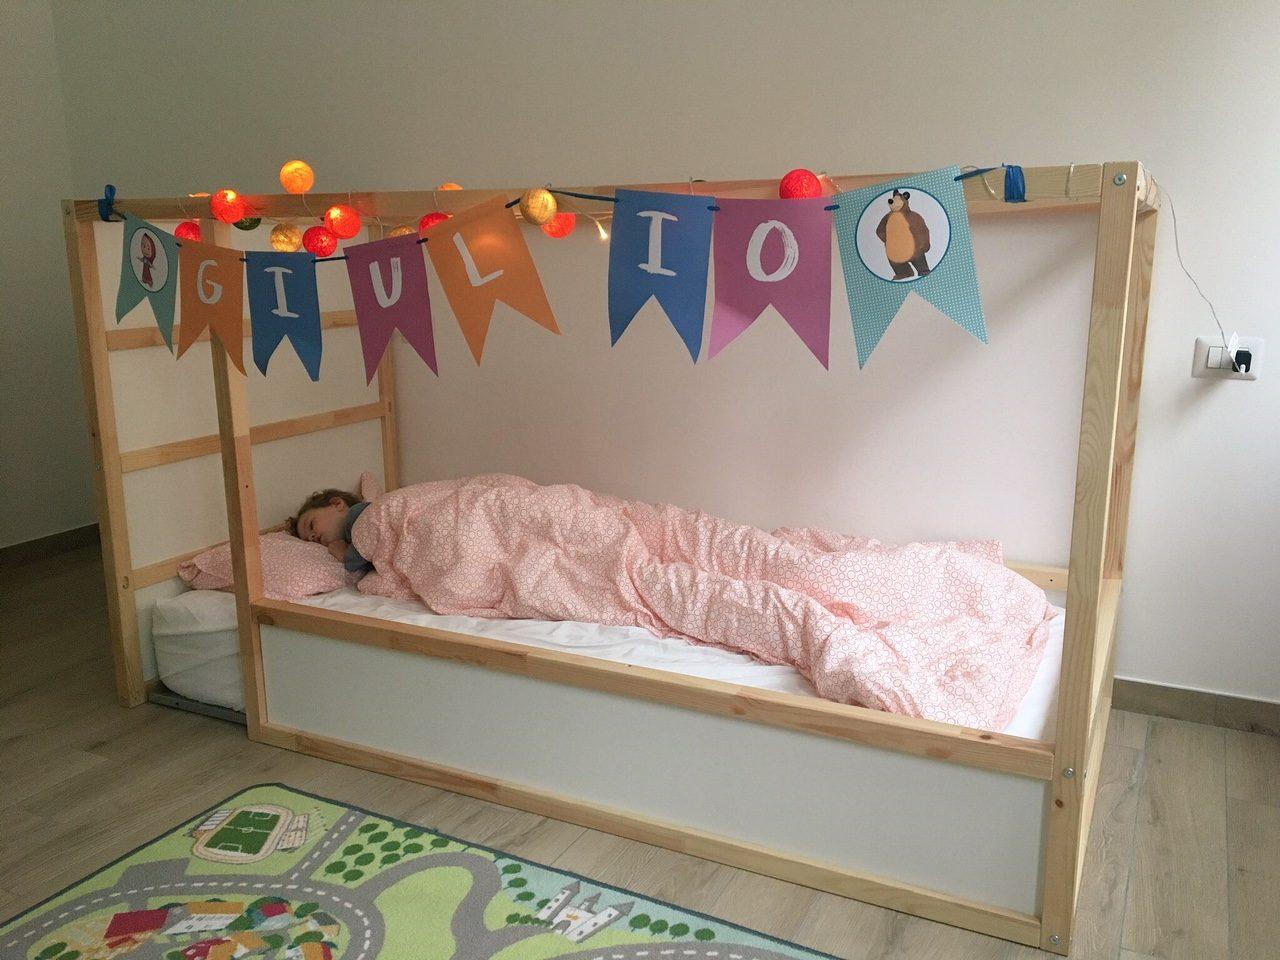 Tenda Per Letto A Castello Ikea : Letto kura ikea usato letto a castello ikea usato amazing letto a